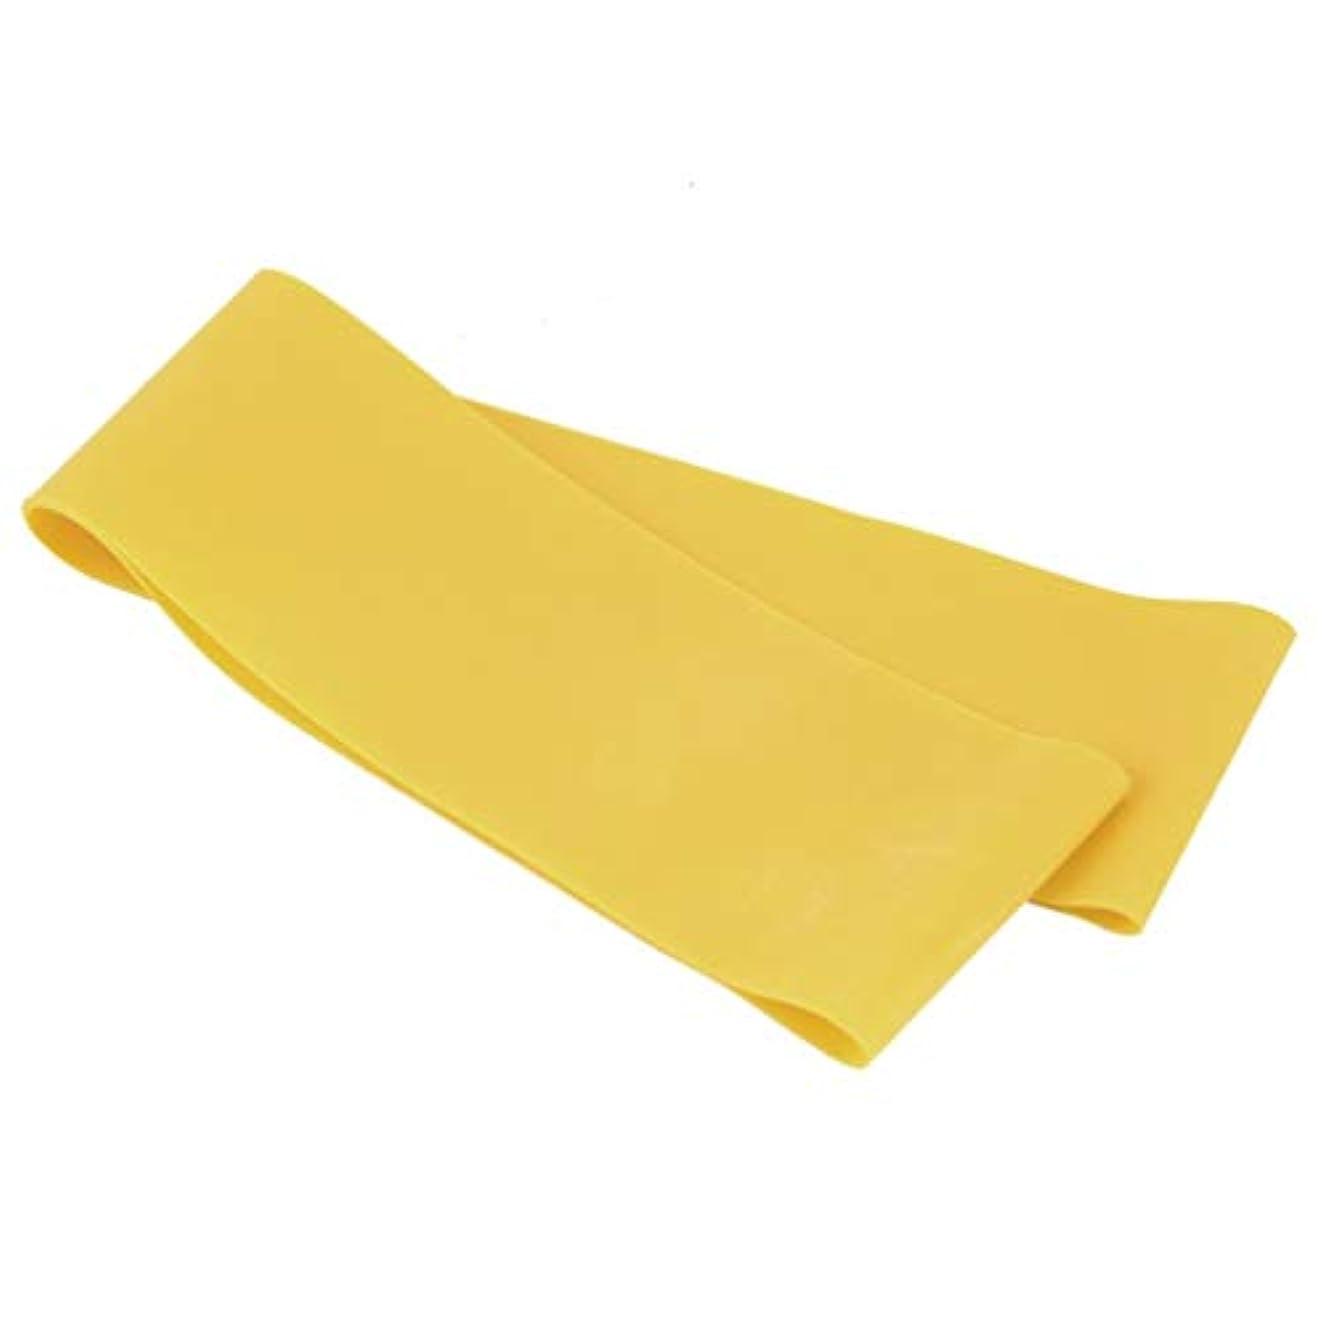 ダイヤモンドしかし賢明な滑り止めの伸縮性のあるゴム製伸縮性があるヨガのベルトバンド引きロープの張力抵抗バンドループ強さのためのフィットネスヨガツール - 黄色